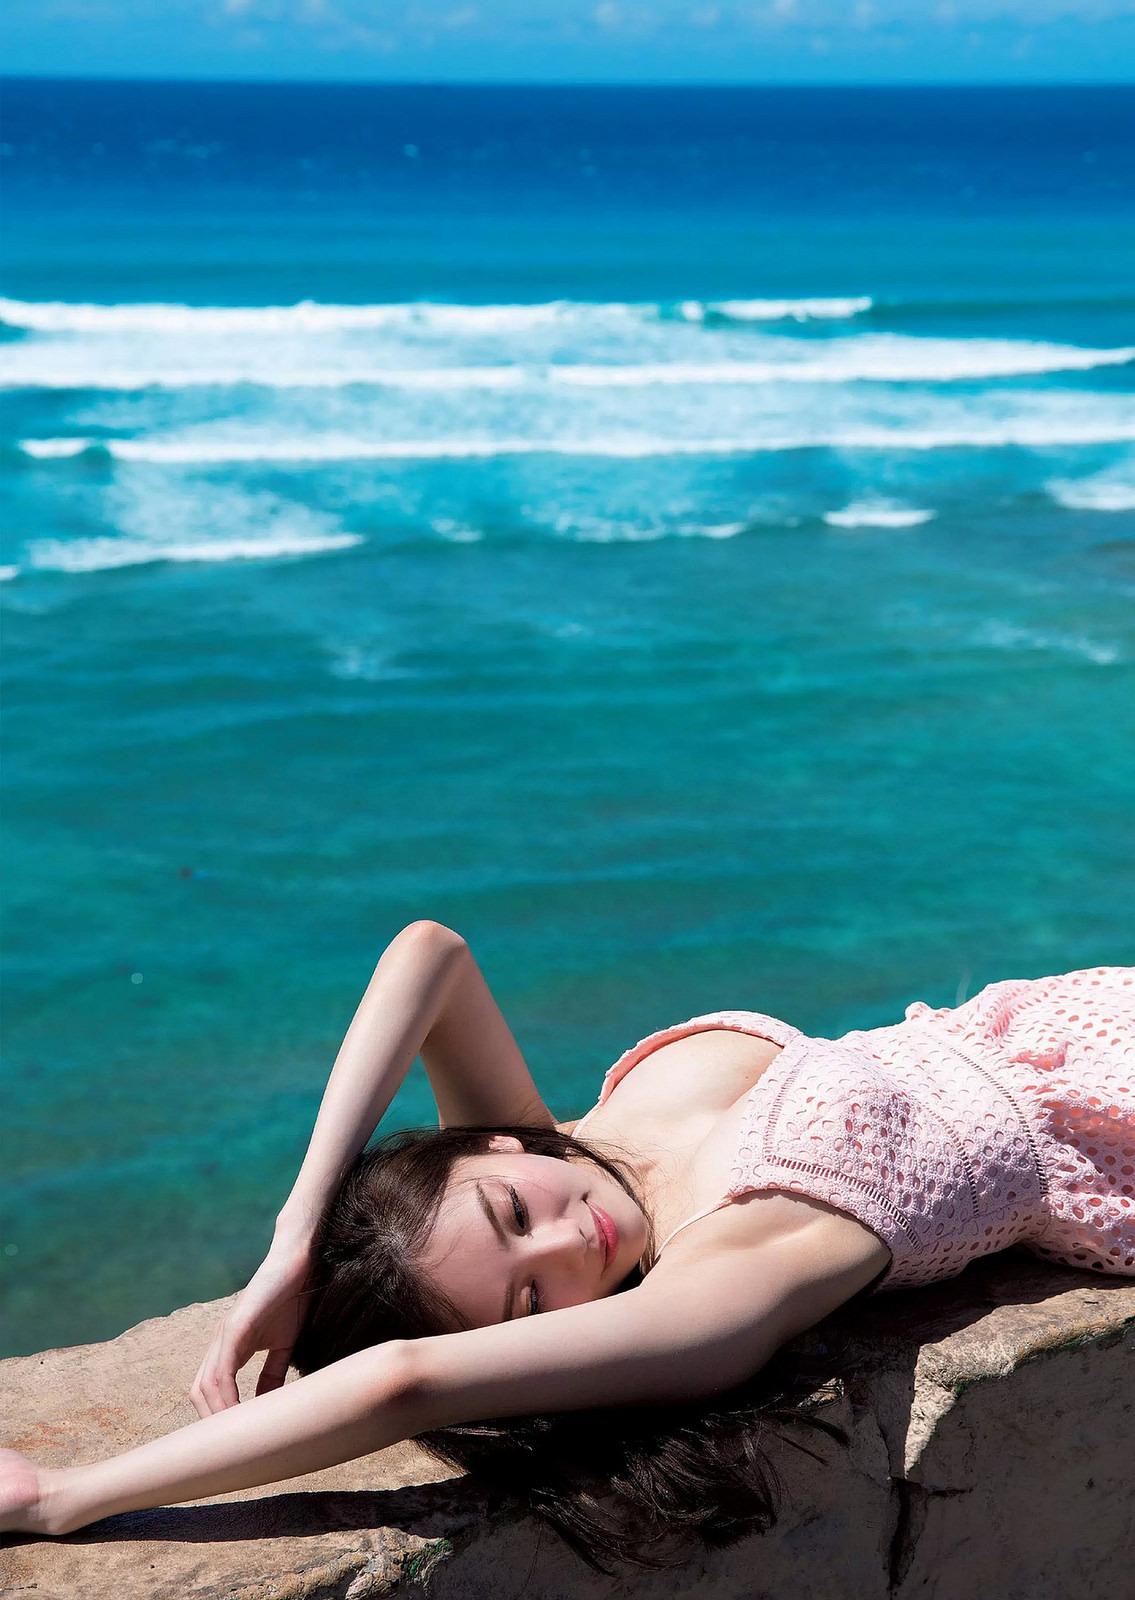 波の横にいる伊東紗治子の画像です。